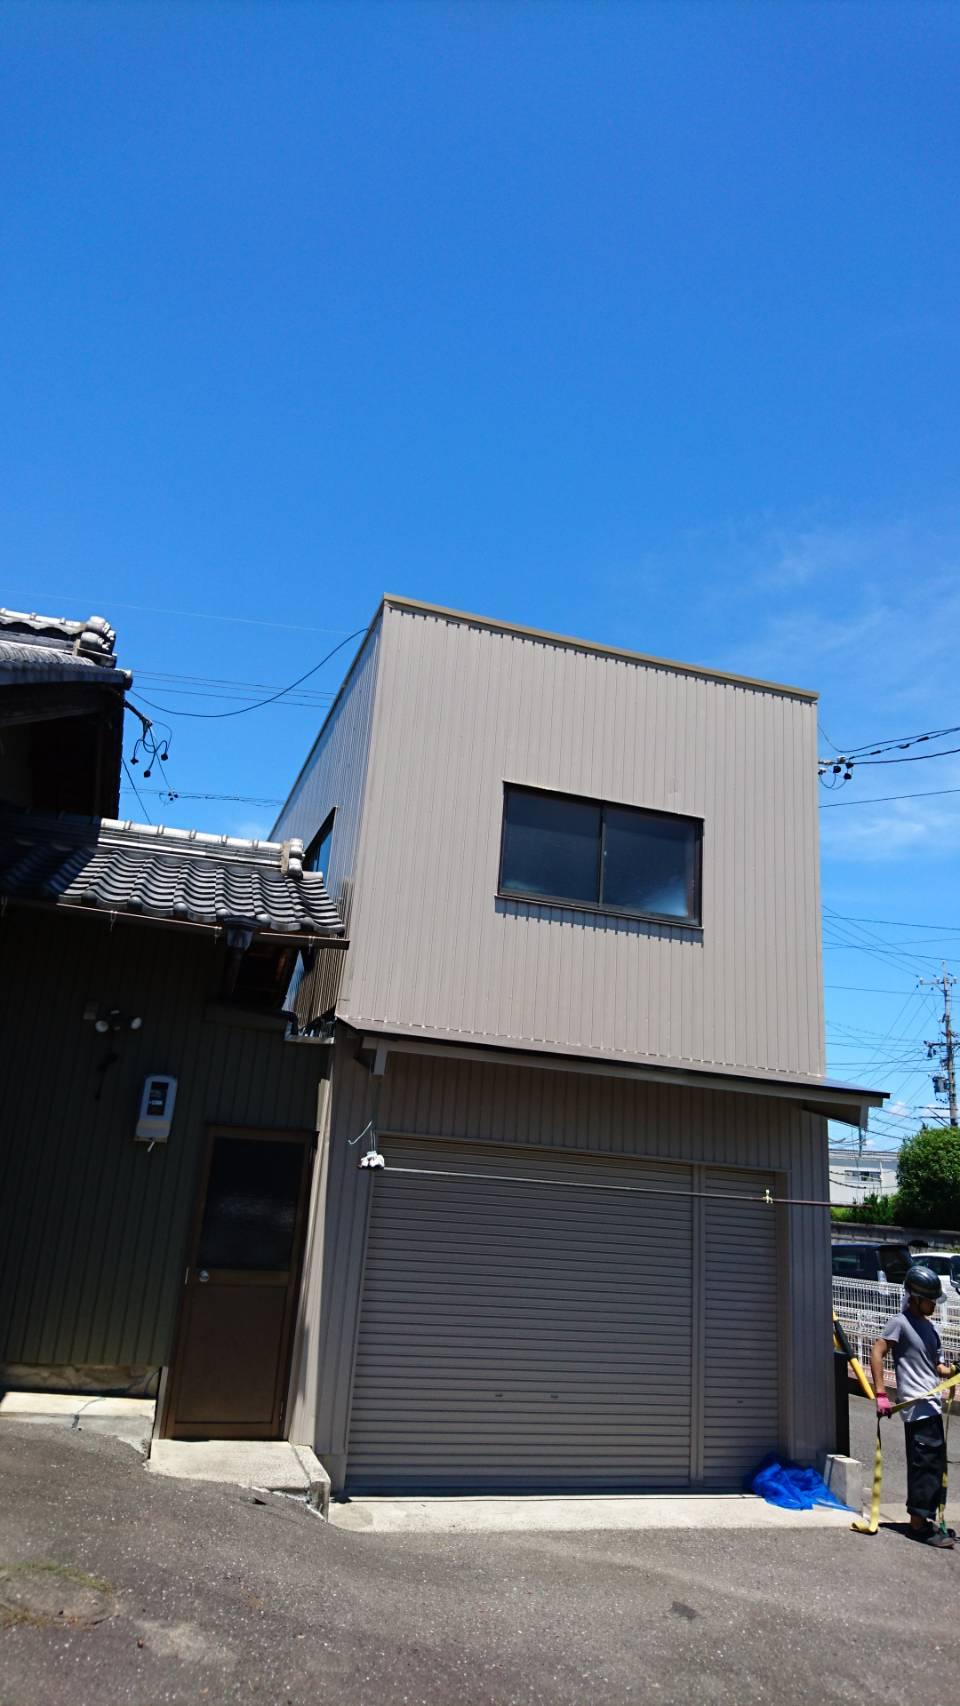 岐阜塗装センター施工実績写真 倉庫屋根外壁塗装工事